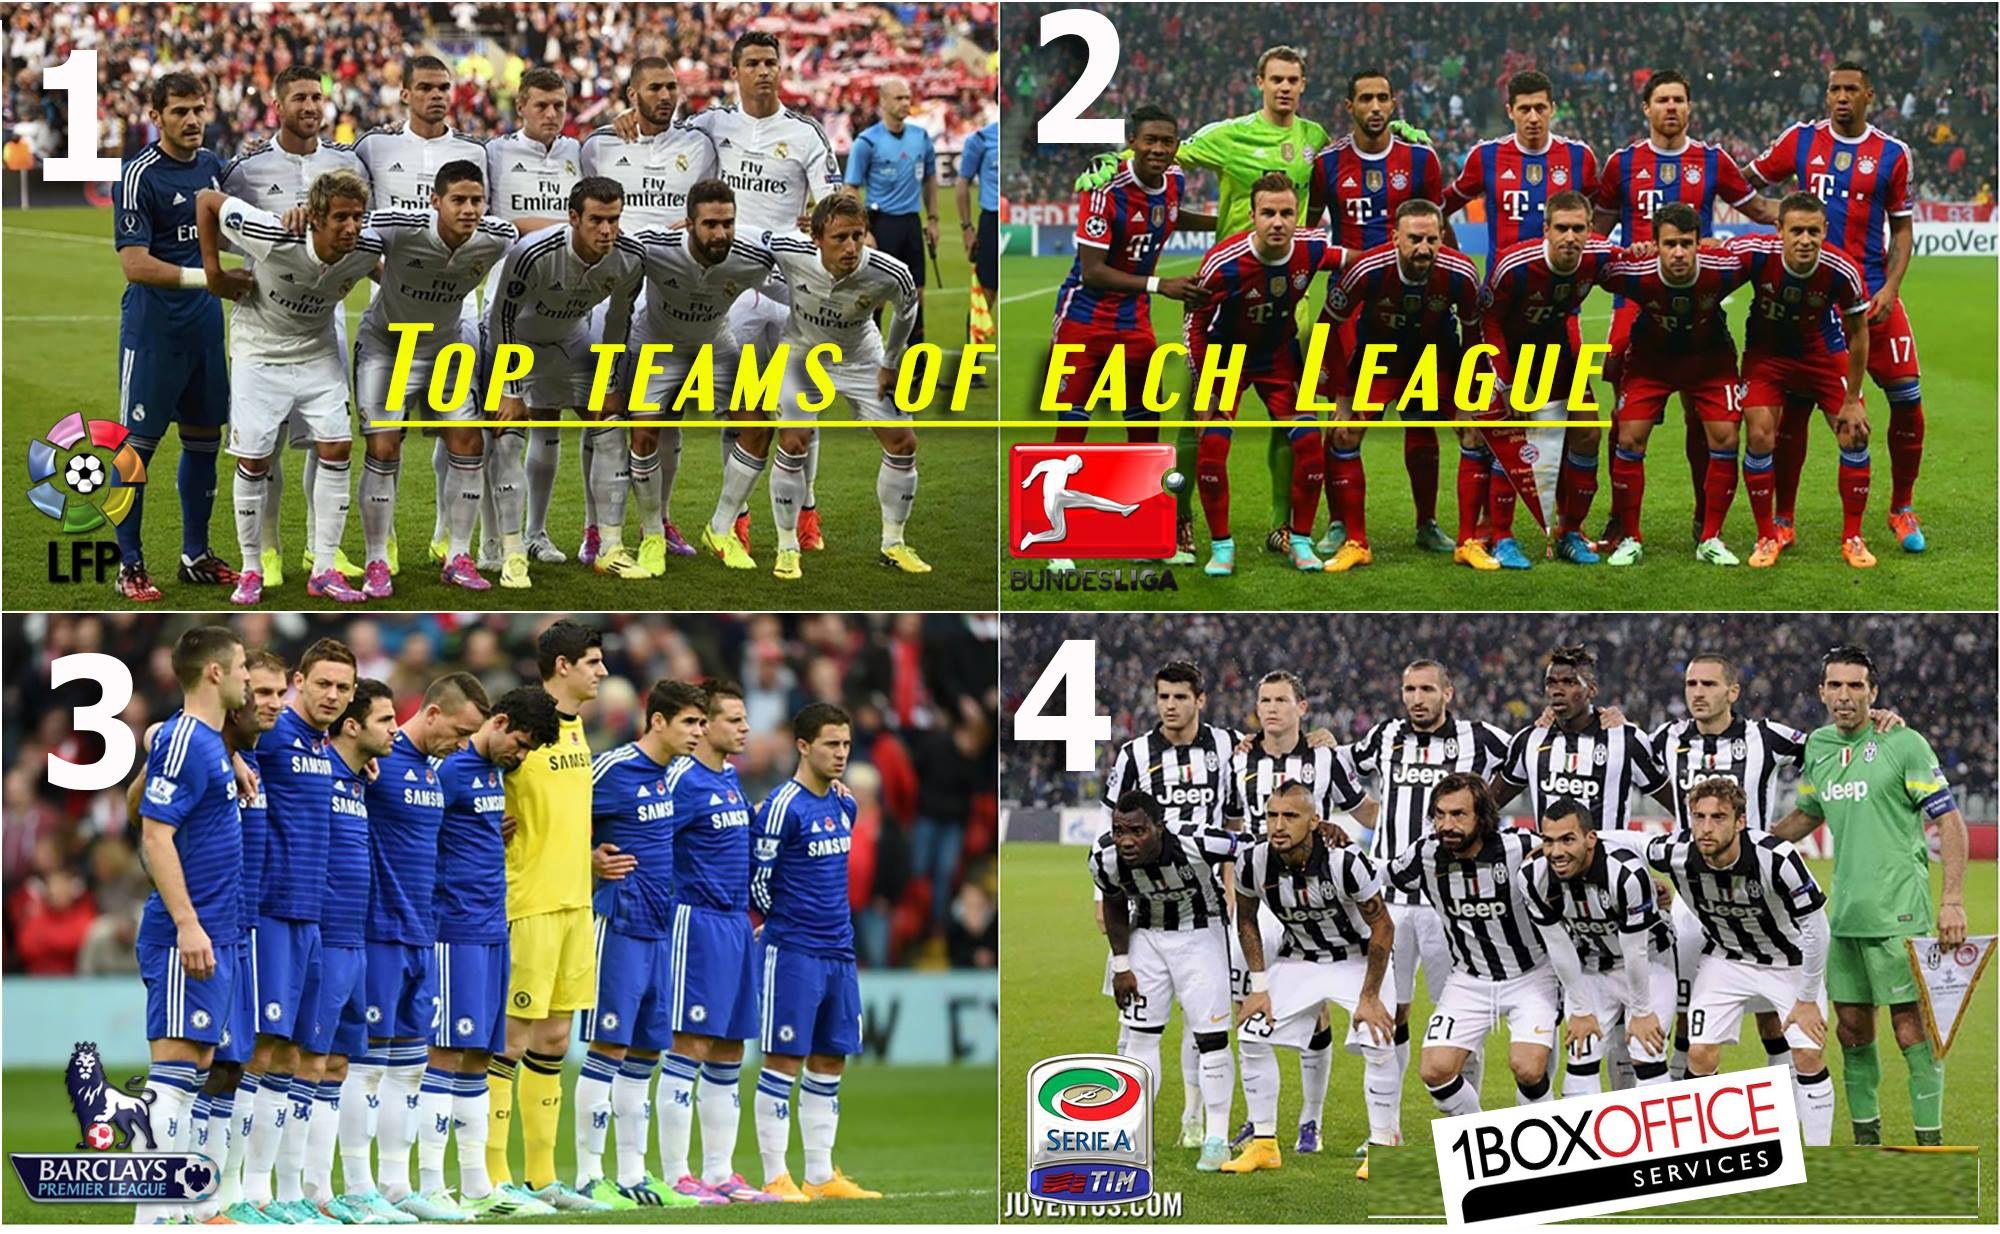 من هو افضل فريق كرة قدم في اوروبا حالياإختر رقم www